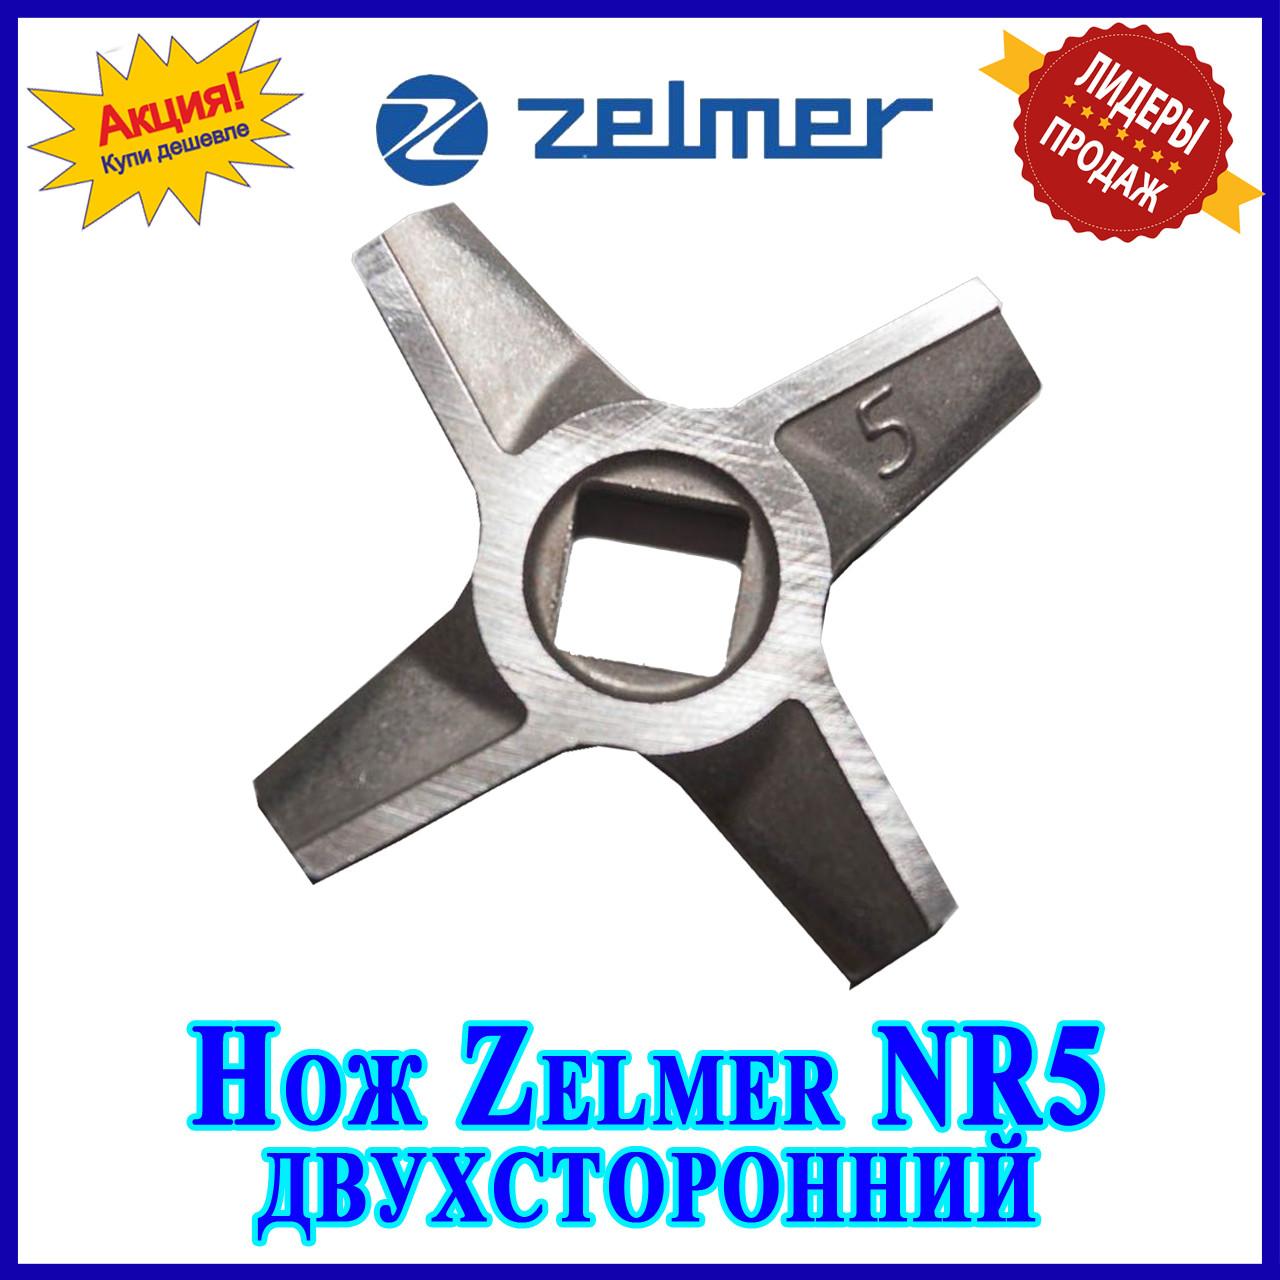 Нож для мясорубки Zelmer NR5 (ОРИГИНАЛ) Двухсторонний 86.1009 631384 (ZMMA025X) - Запчасти для бытовой техники — b-zip.com.ua в Харькове